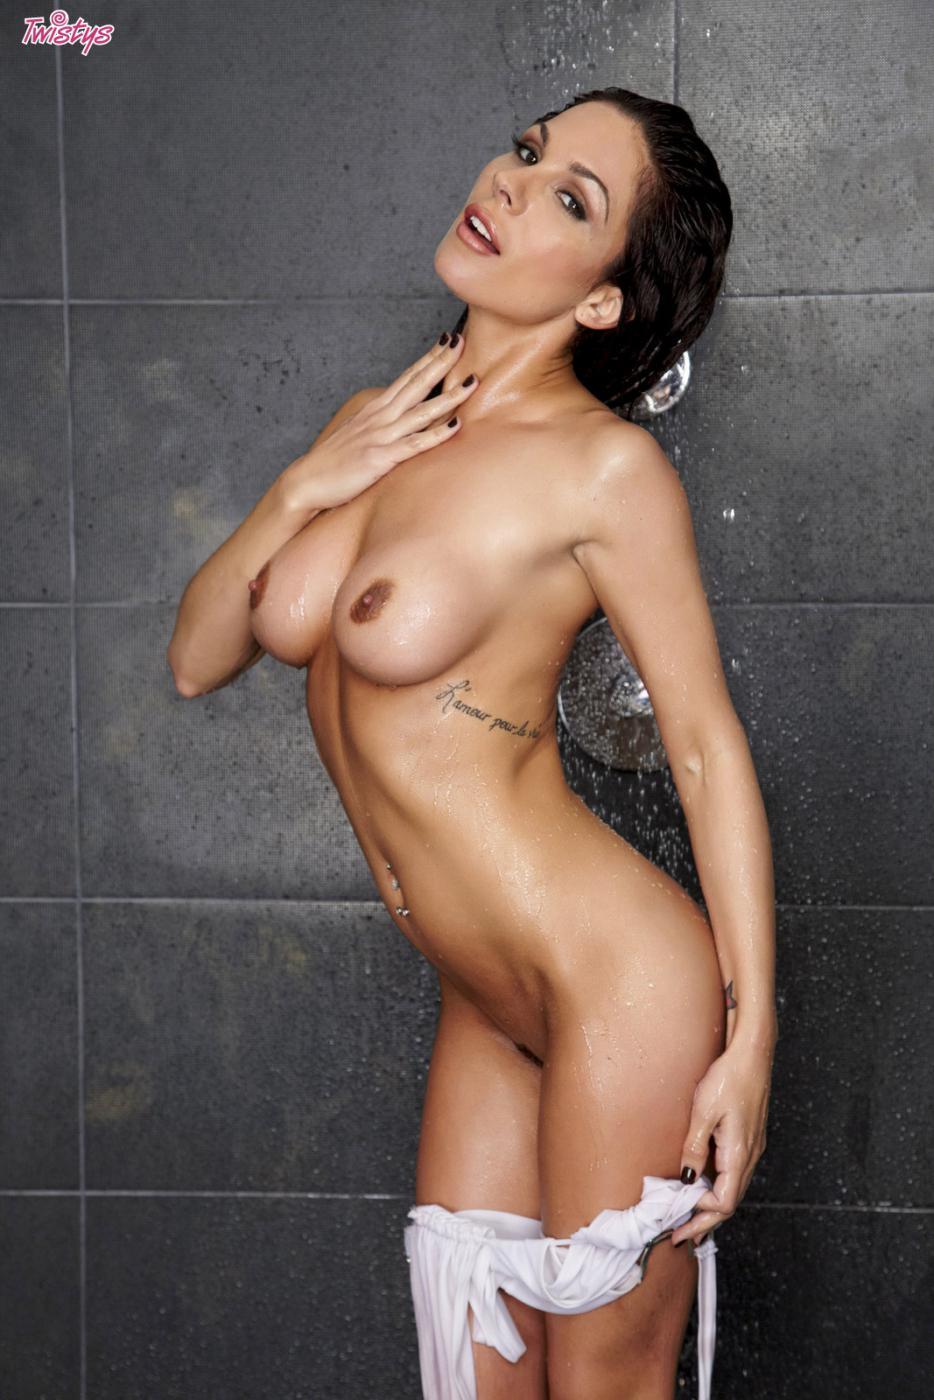 Страстная Kirsten Price с большой грудью снимает трусы и теребонькает под душем